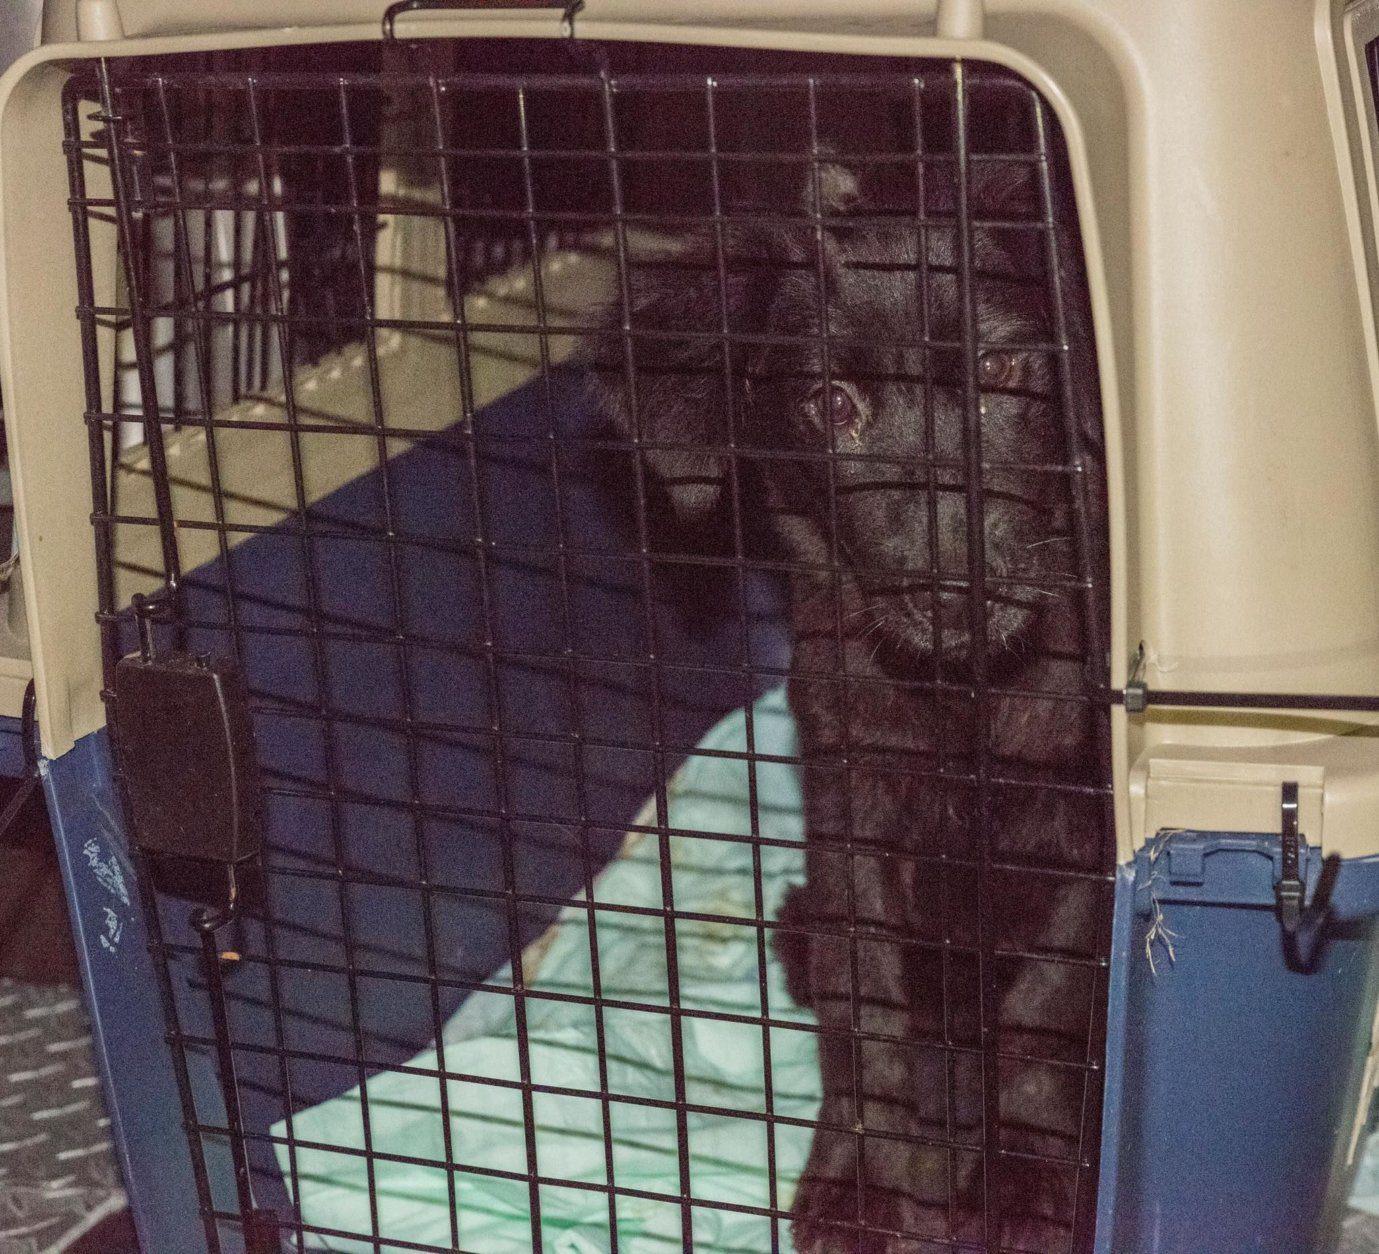 Black dog sitting in kennel.